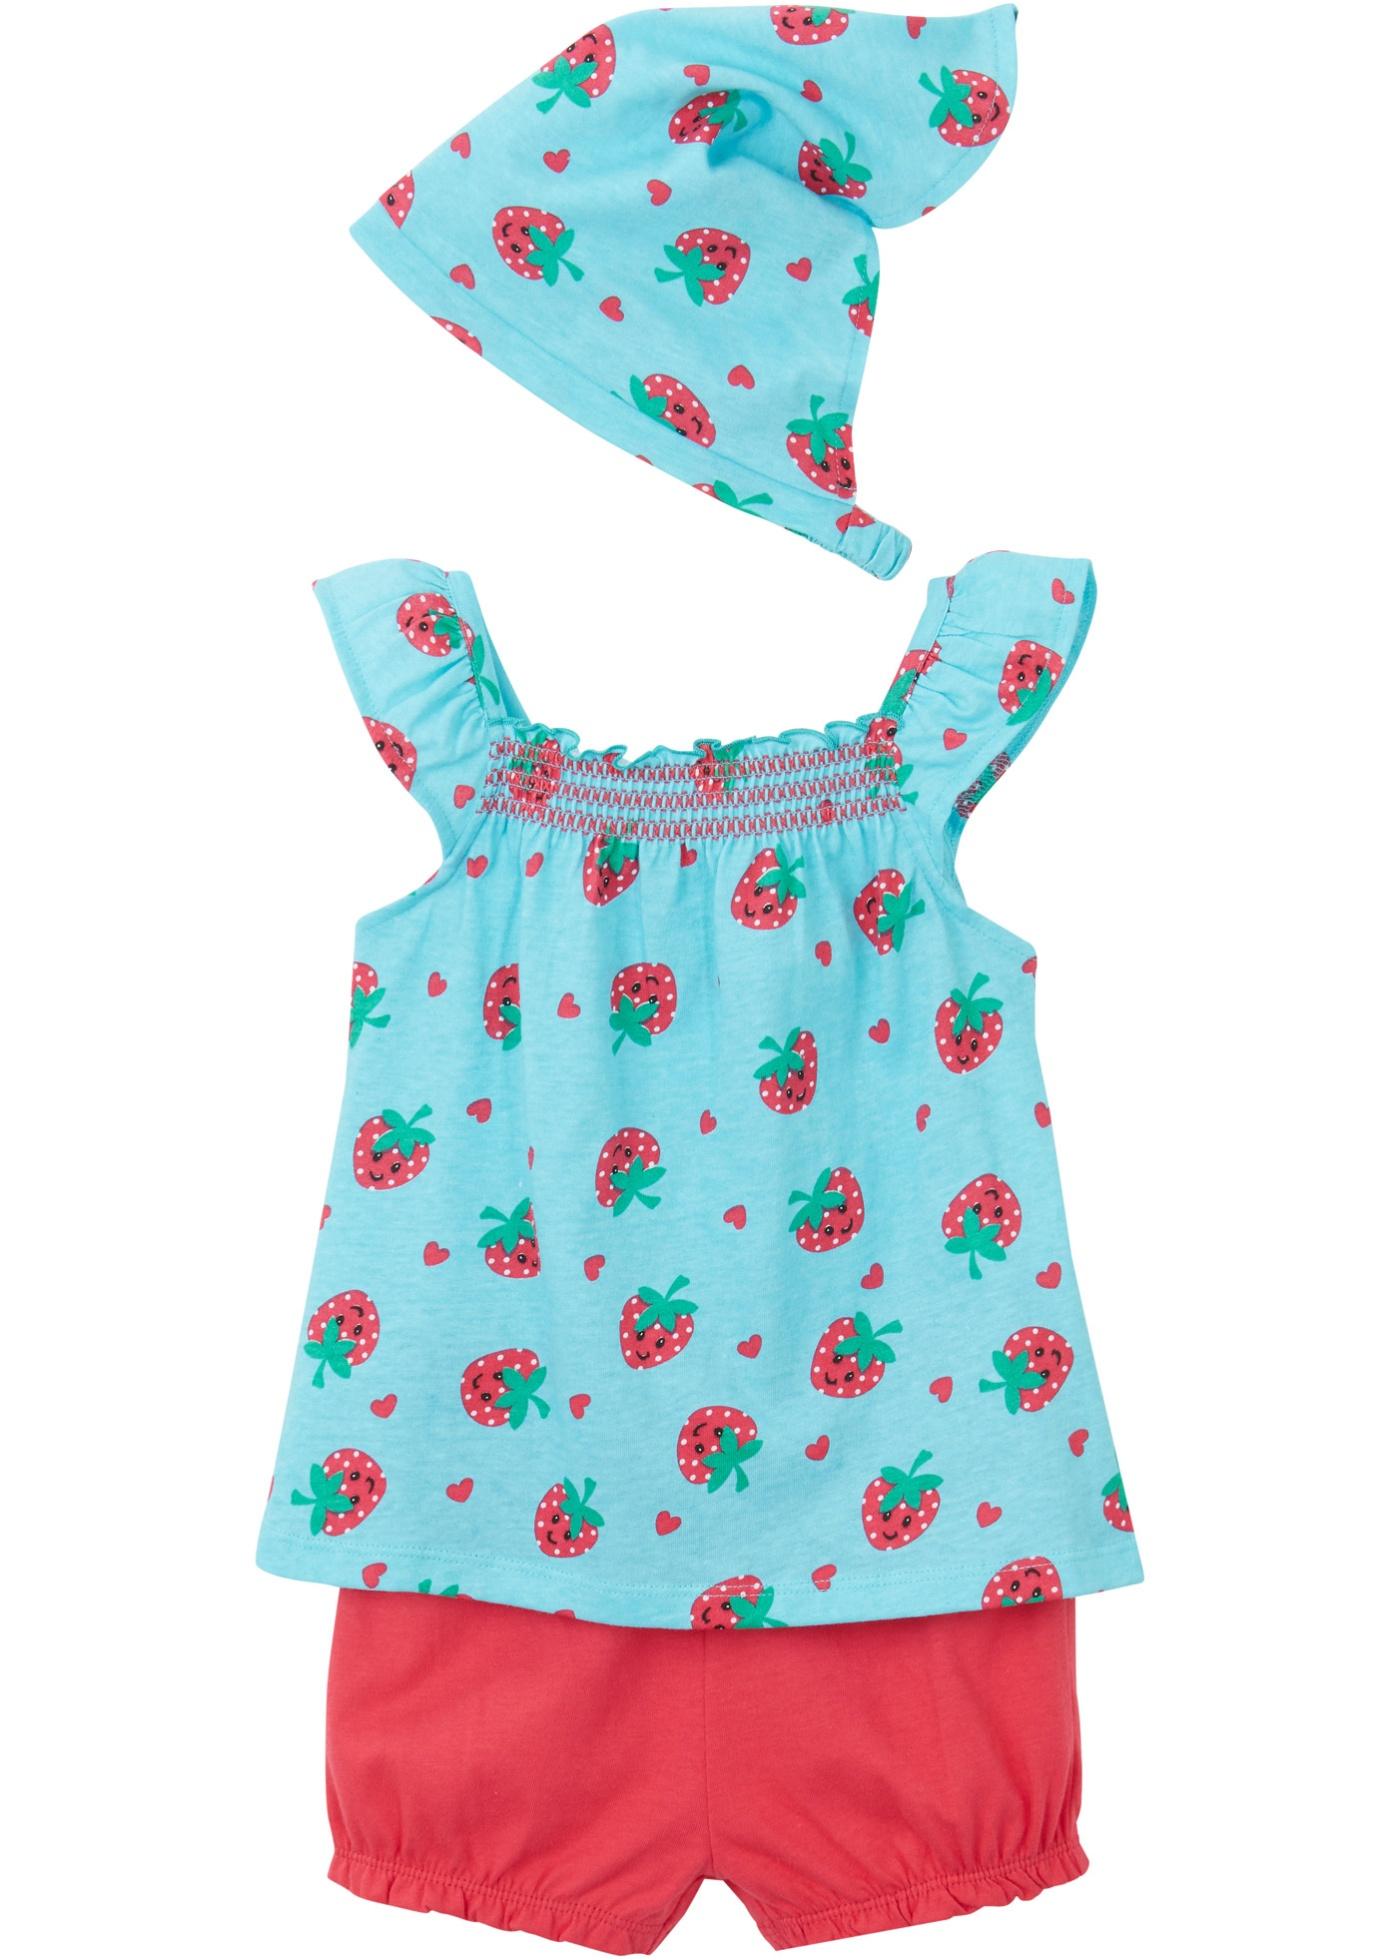 Top bébé, short, foulard (Ens. 3 pces.) coton bio